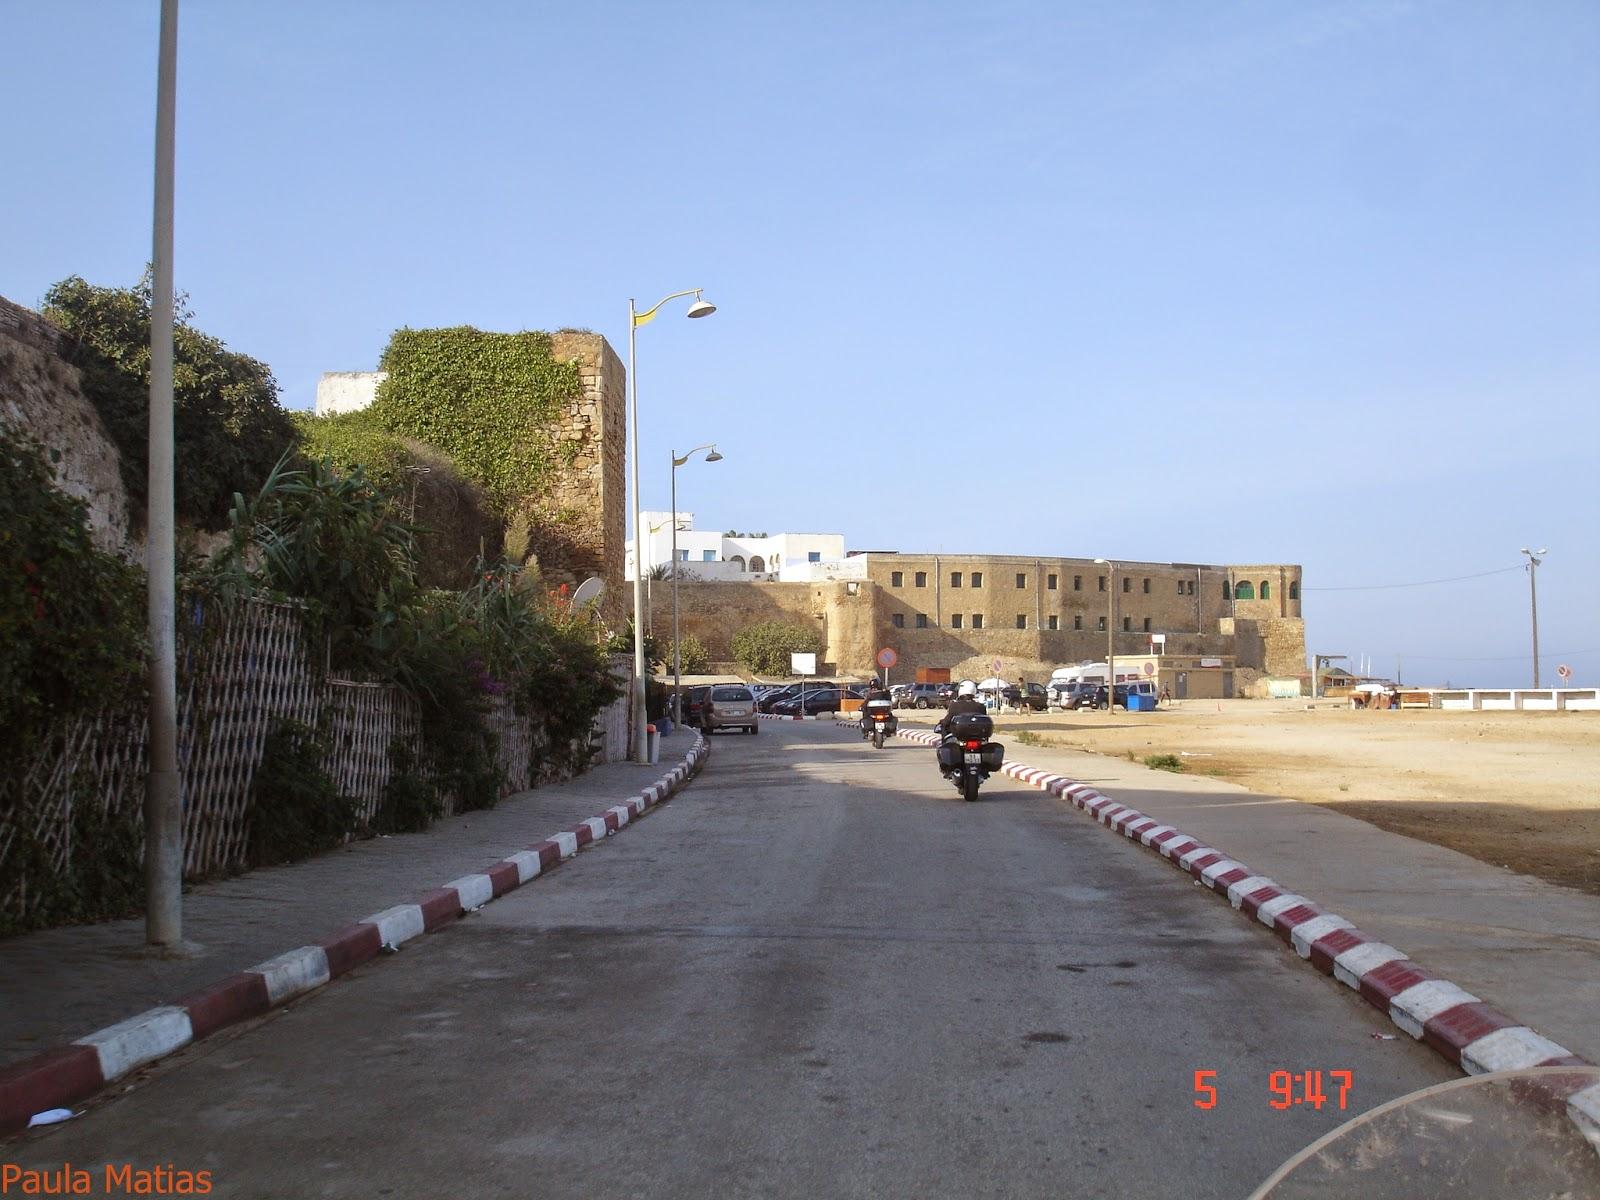 marrocos - Marrocos 2014 - O regresso  Proxy?url=http%3A%2F%2F4.bp.blogspot.com%2F-2ZtScl0lS8w%2FVEpH_-Q9RBI%2FAAAAAAAADoA%2FmUESKRluS7I%2Fs1600%2FDSC03006_new